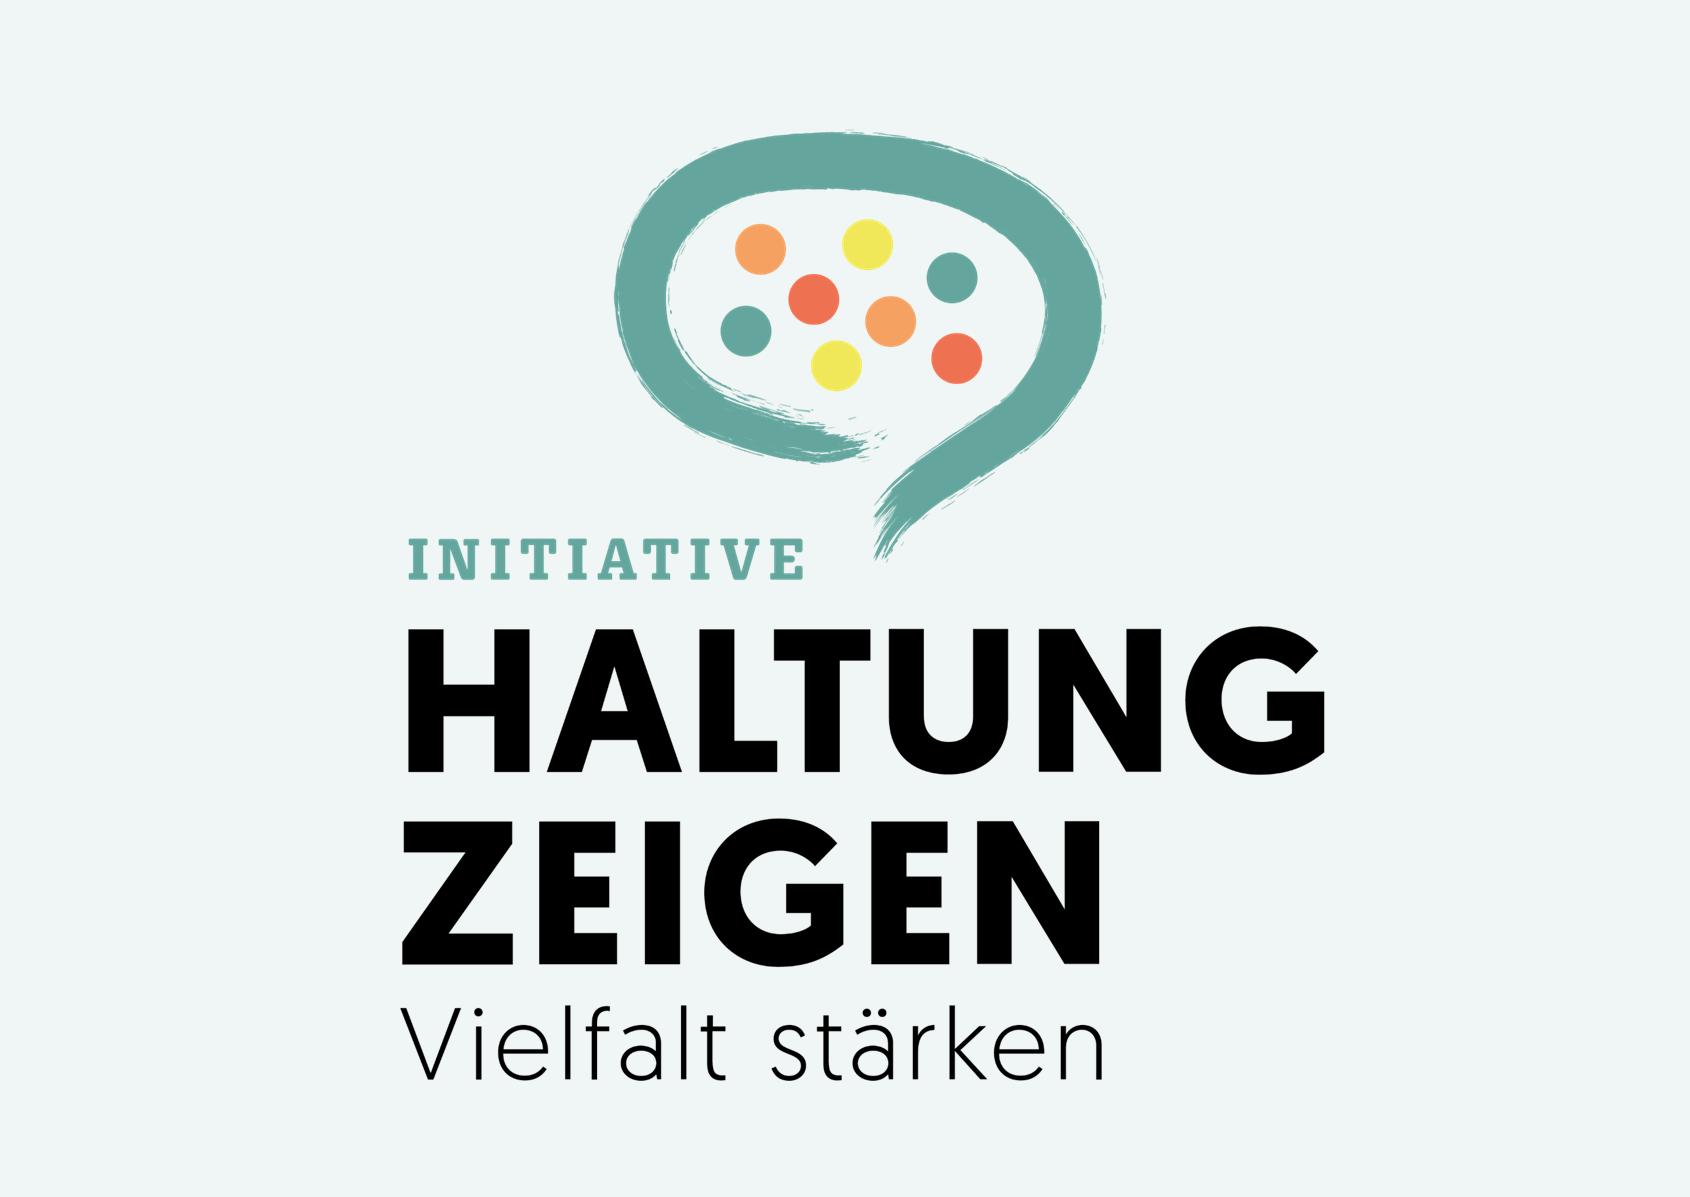 Haltung zeigen: Initiative gegen Rassismus und für Vielfalt